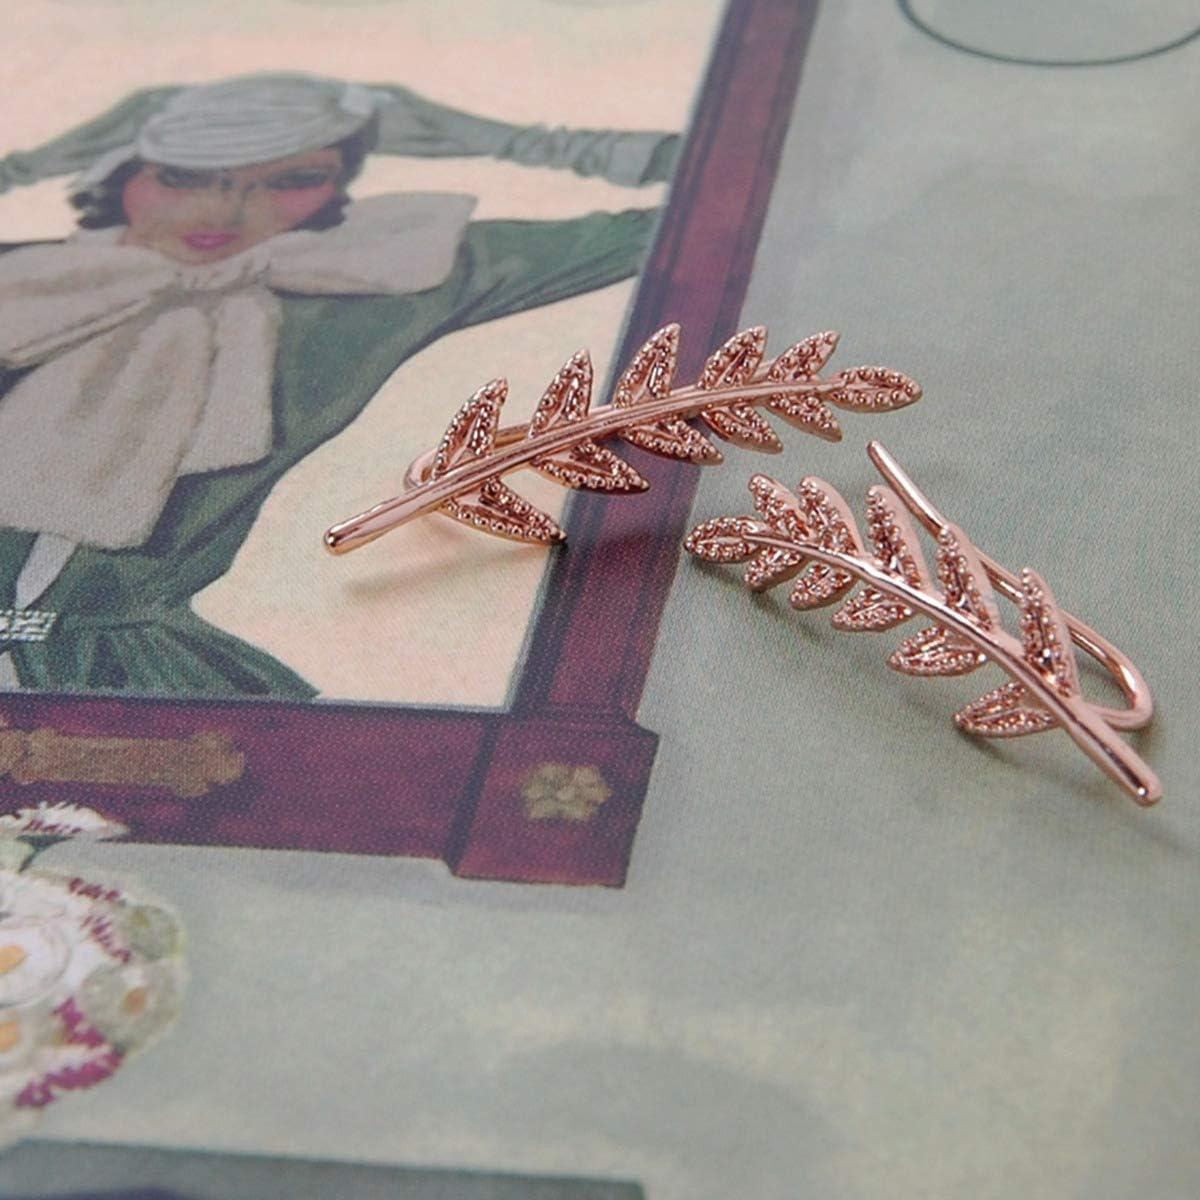 Humble Chic NY Oreille Feuilles Minuscules Grimpeurs D/élicate Sur Chenilles Manchette Boucles Doreilles Veste Pour Les Femmes